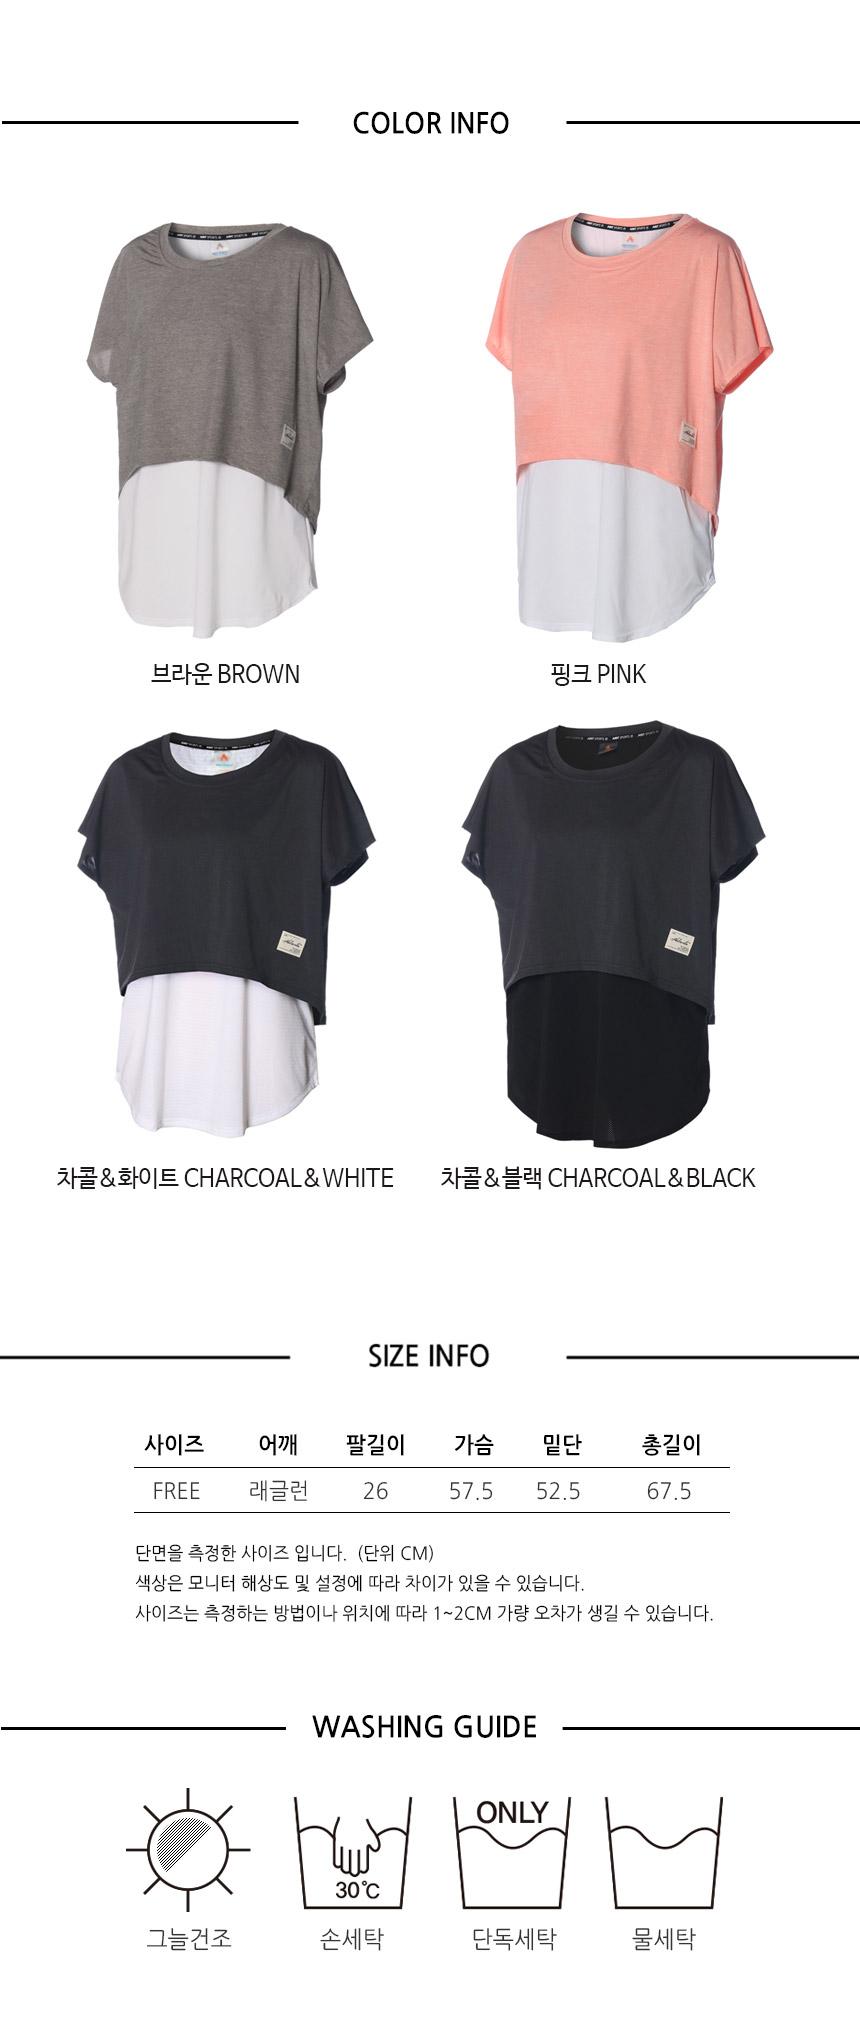 오버랩 커버업 티셔츠 - 롱길이 기능성 티셔츠 - 제인에잇, 22,600원, 피트니스의류, 여성 상의